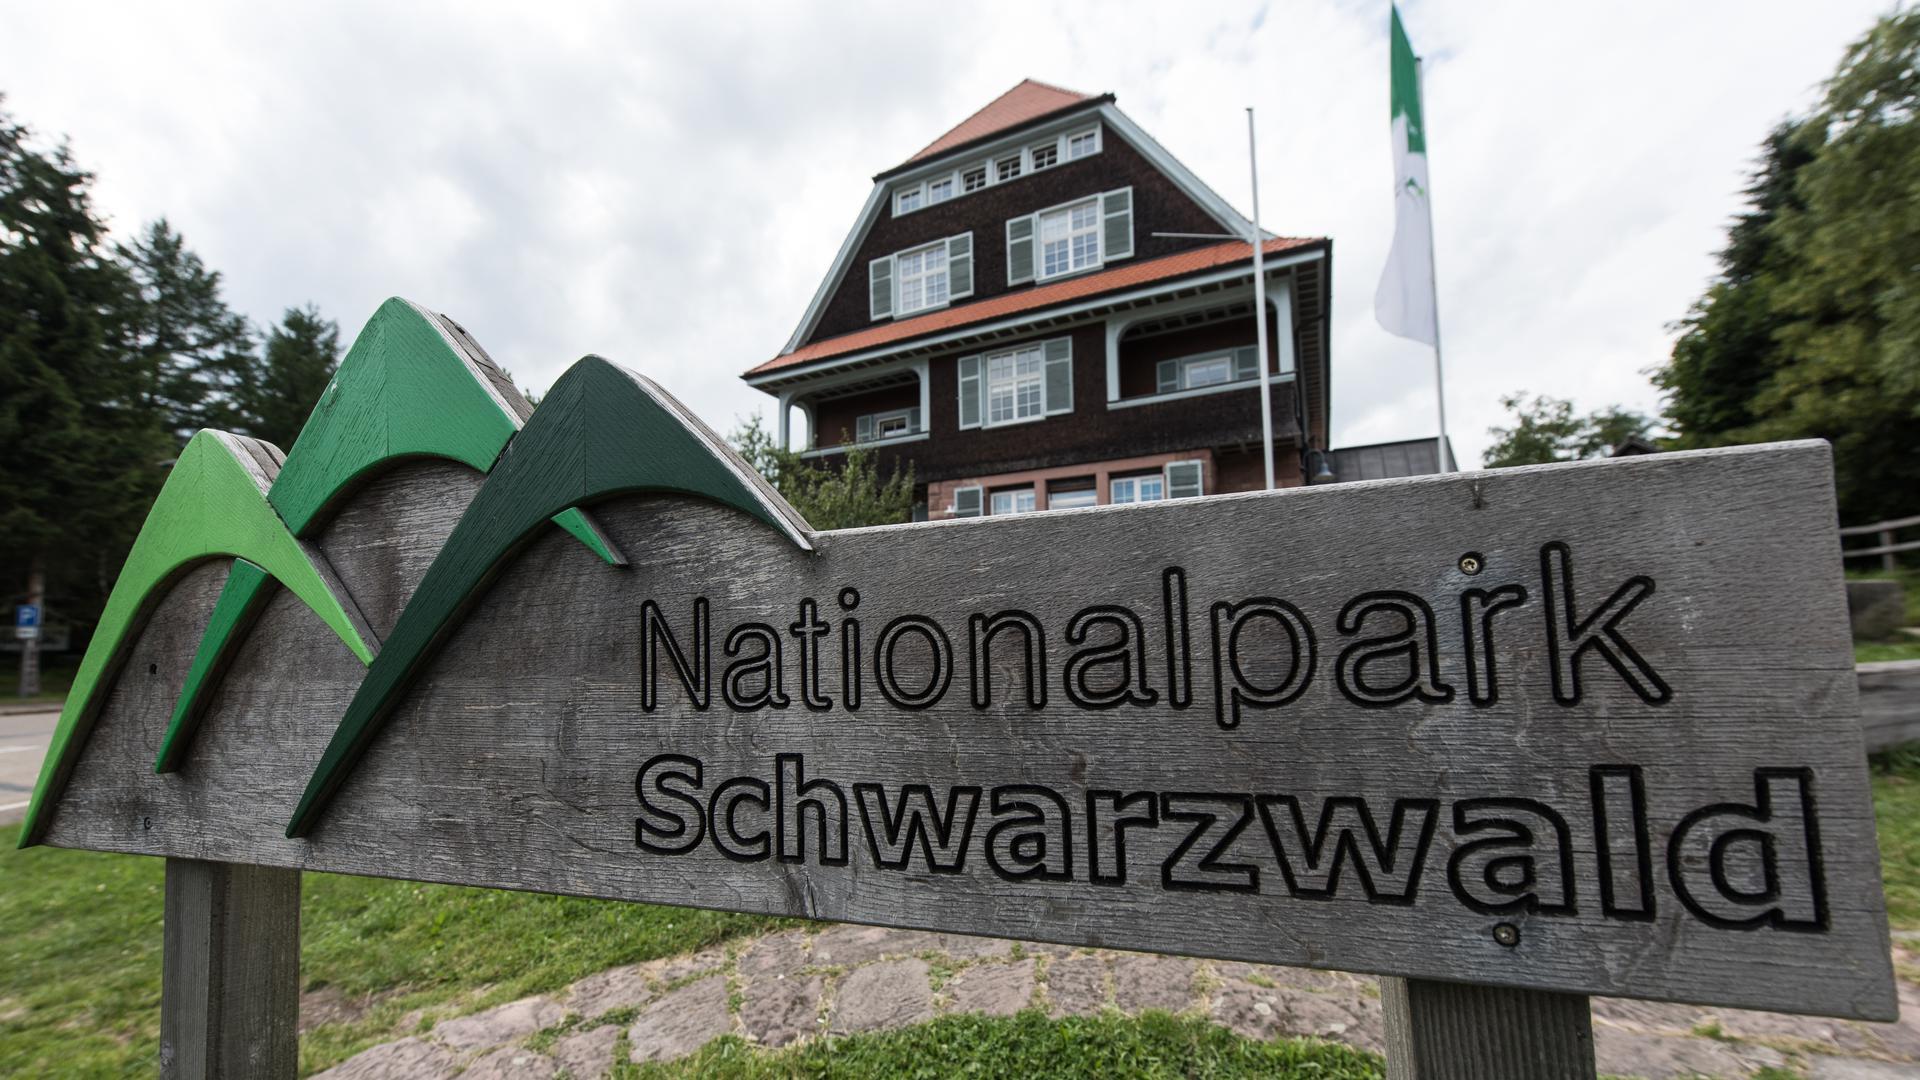 Der Nationalpark Schwarzwald ist seit sieben Jahren Realität. Jetzt geht es um den nächsten Schritt.